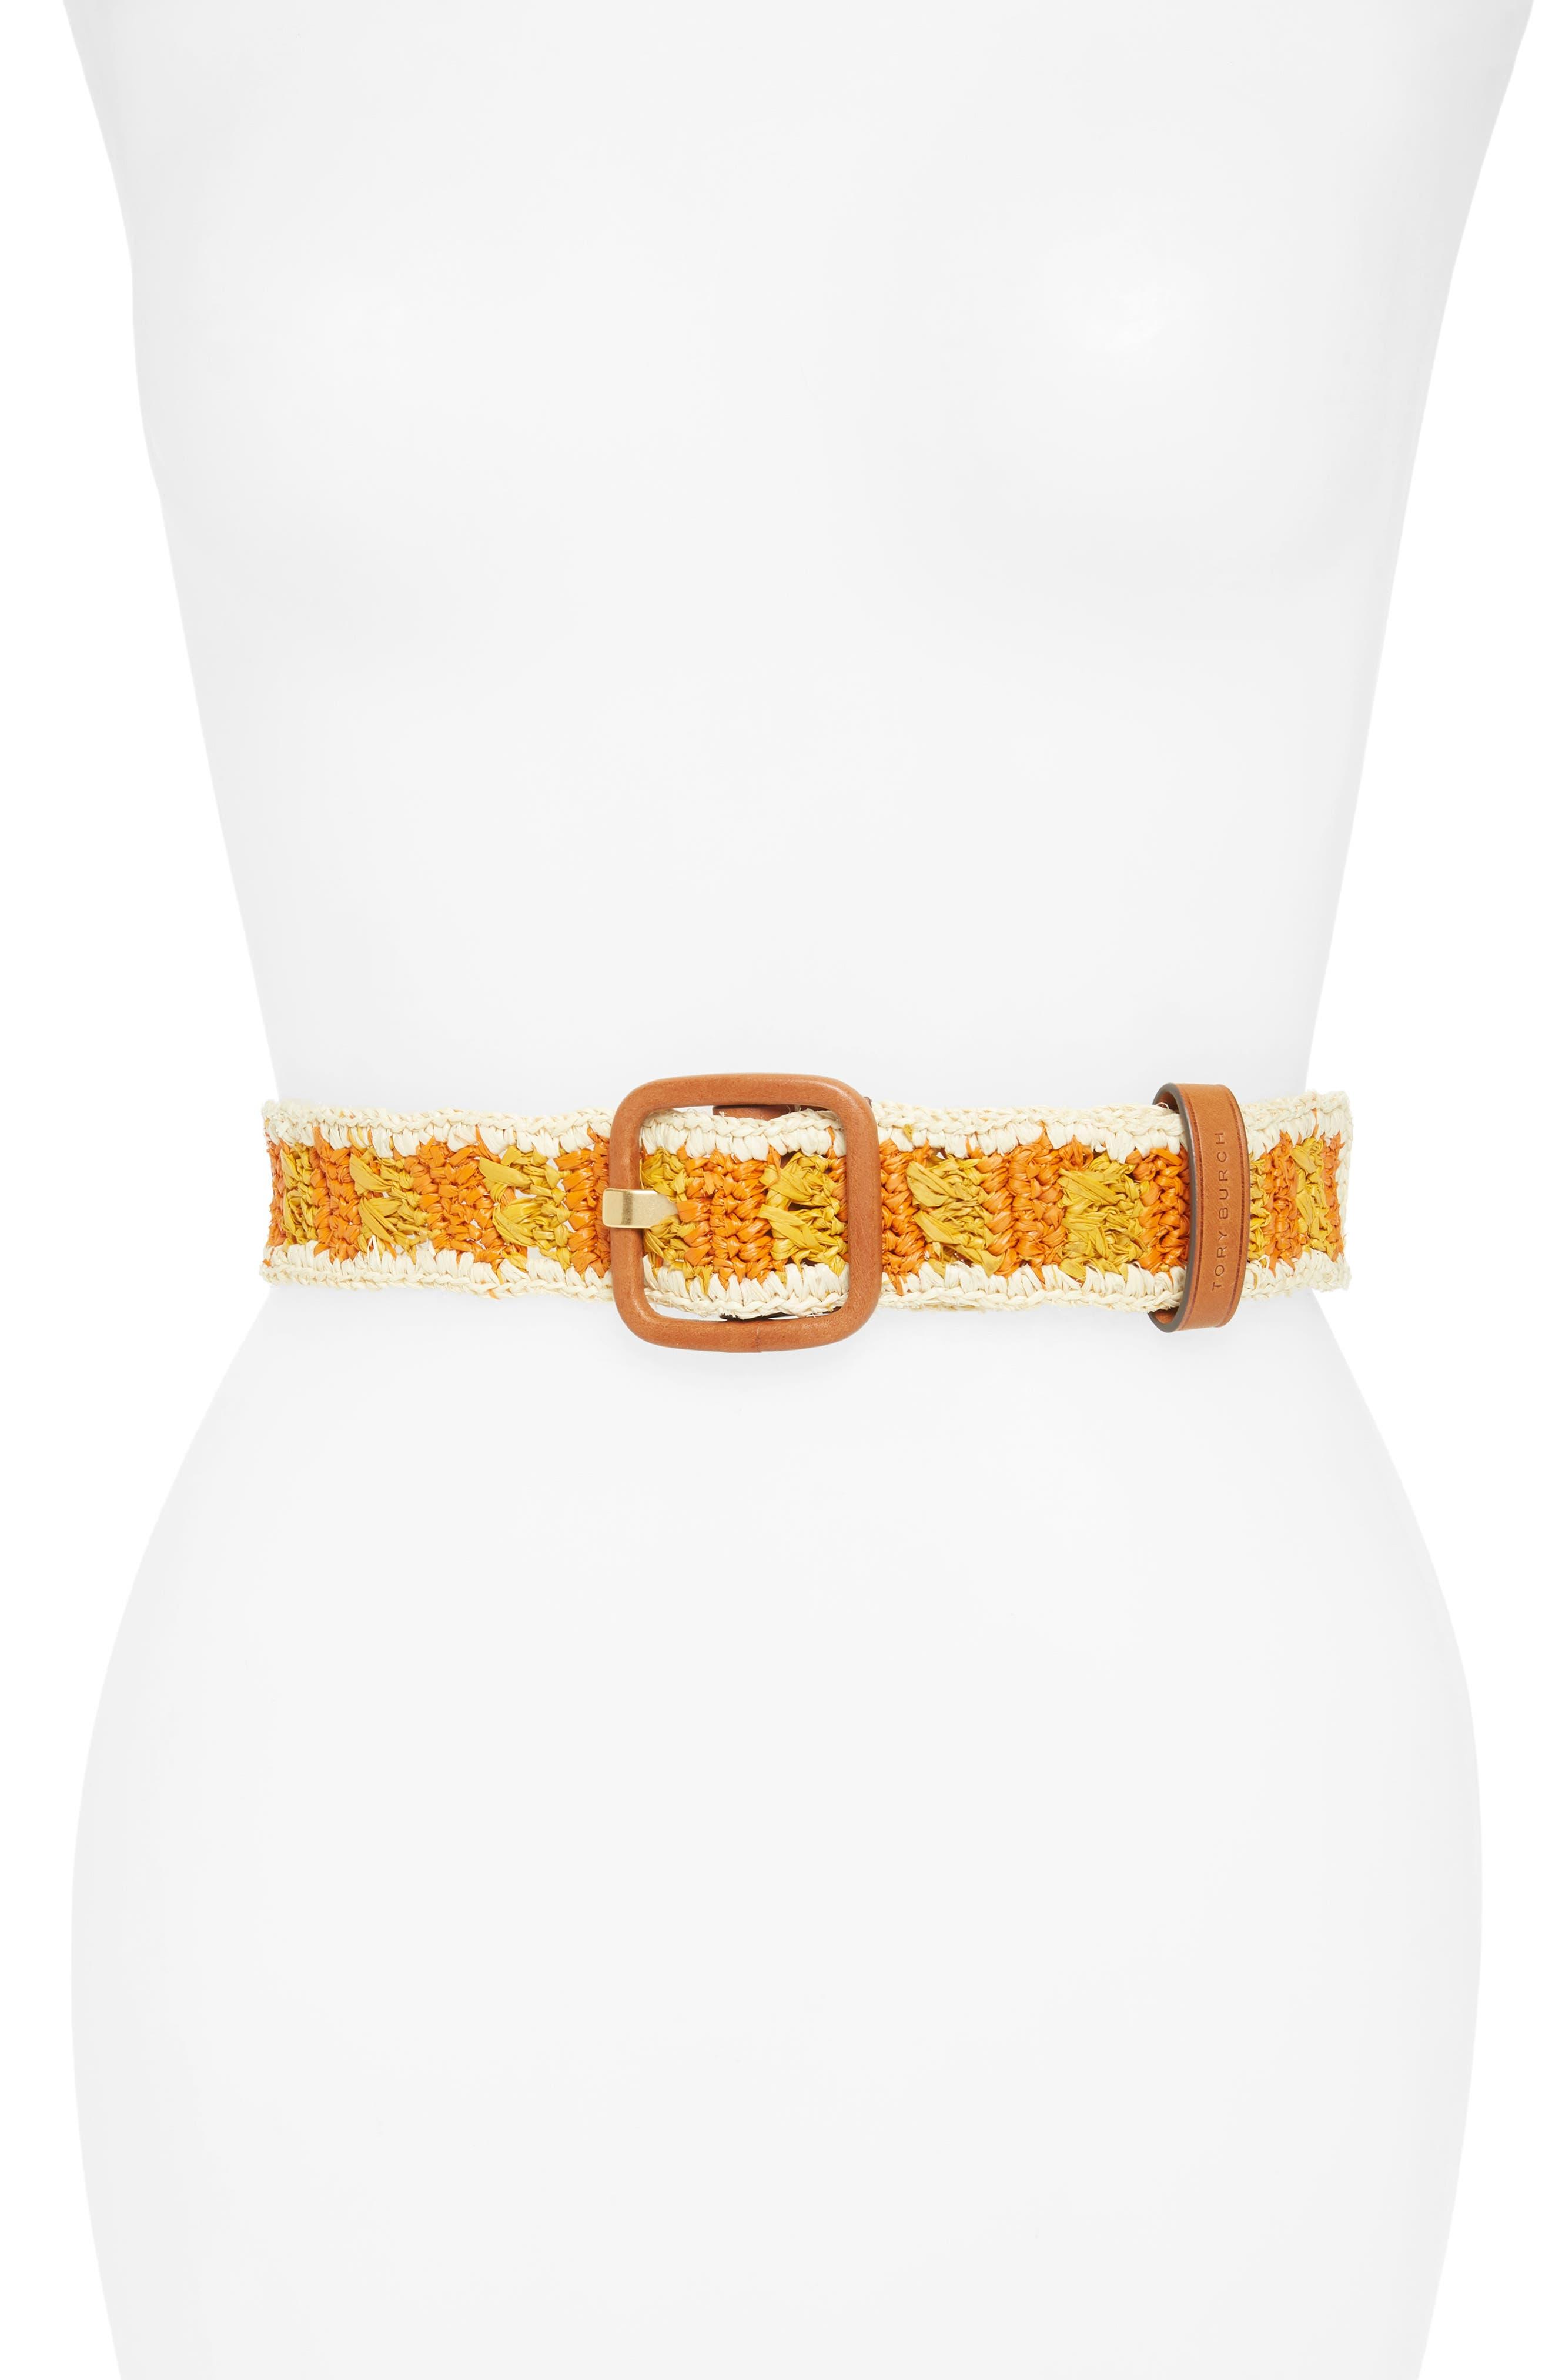 Tory Burch Woven Raffia Belt, Natural/ Daylily/ Orange